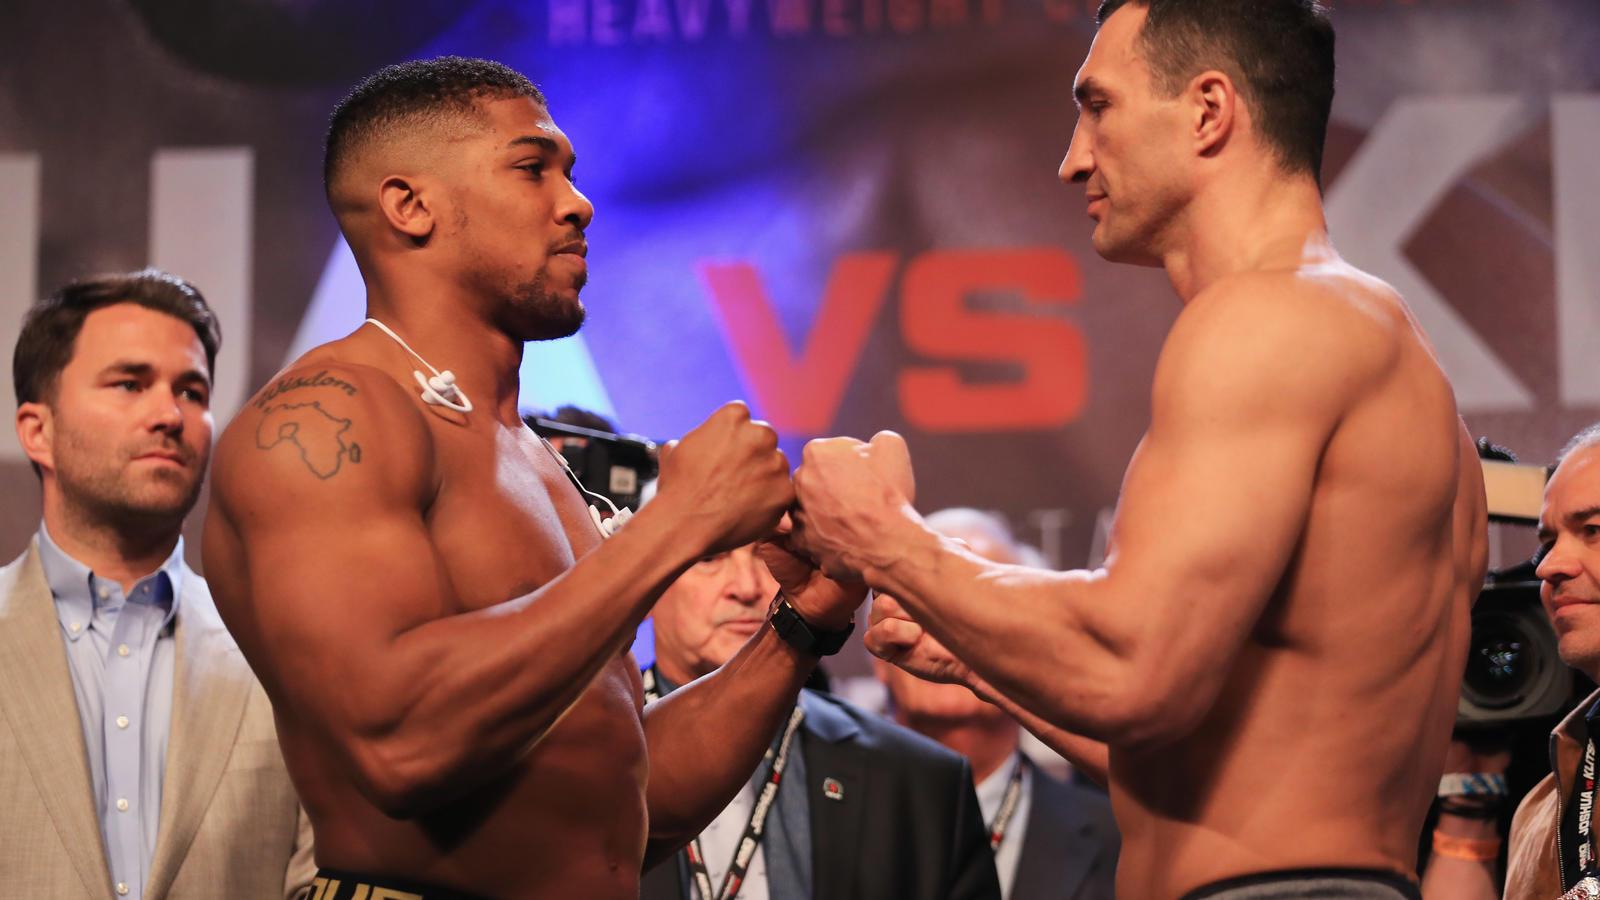 Anthony Joshua v Wladimir Klitschko Weigh-in